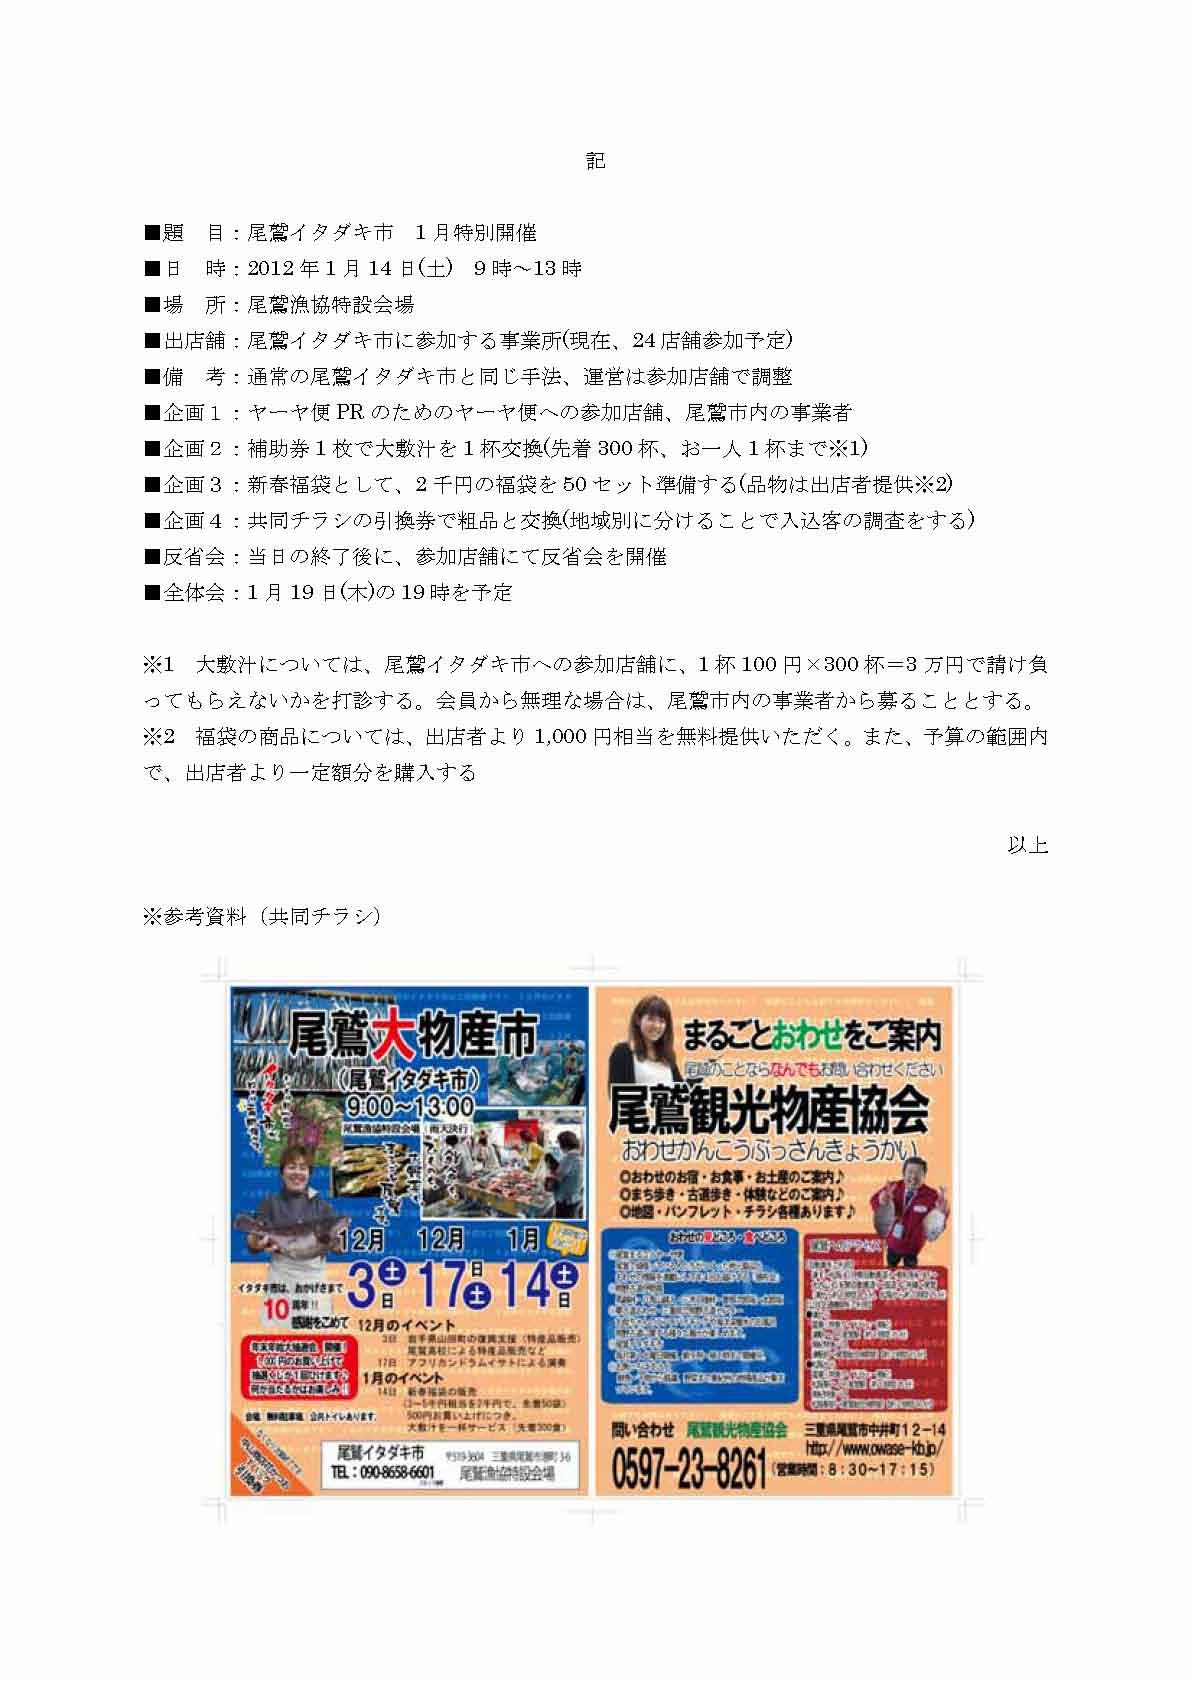 初開催となる、1月の尾鷲イタダキ市の概要について_c0010936_011486.jpg